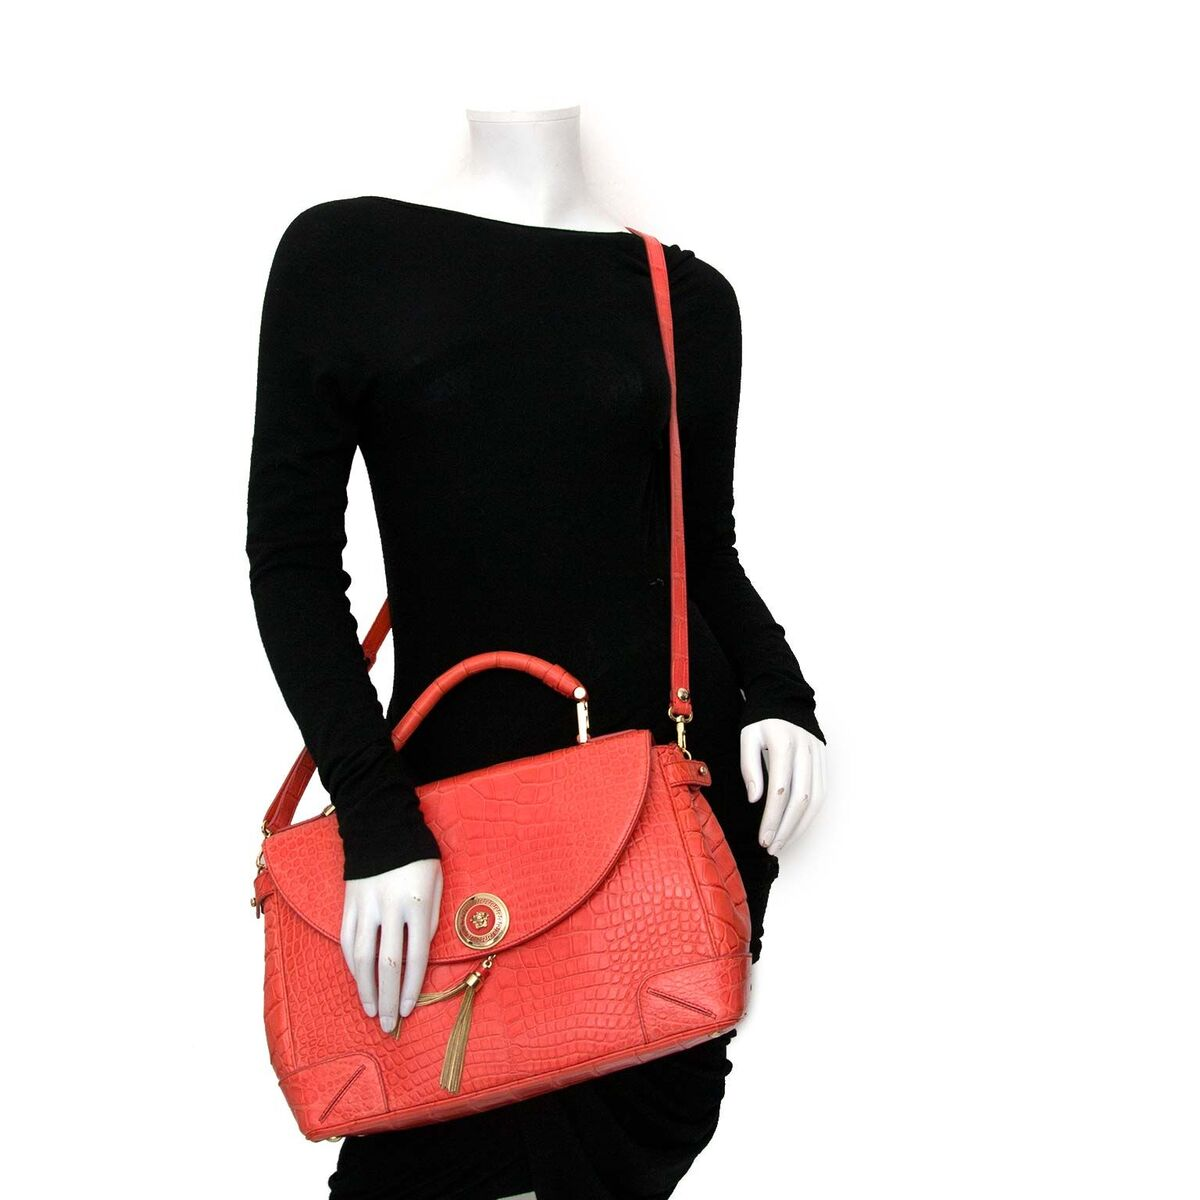 021a046f39 ... Koop authentieke tweedehands Versace Orange Croco Flap Bag aan een  eerlijke prijs bij LabelLOV. Veilig